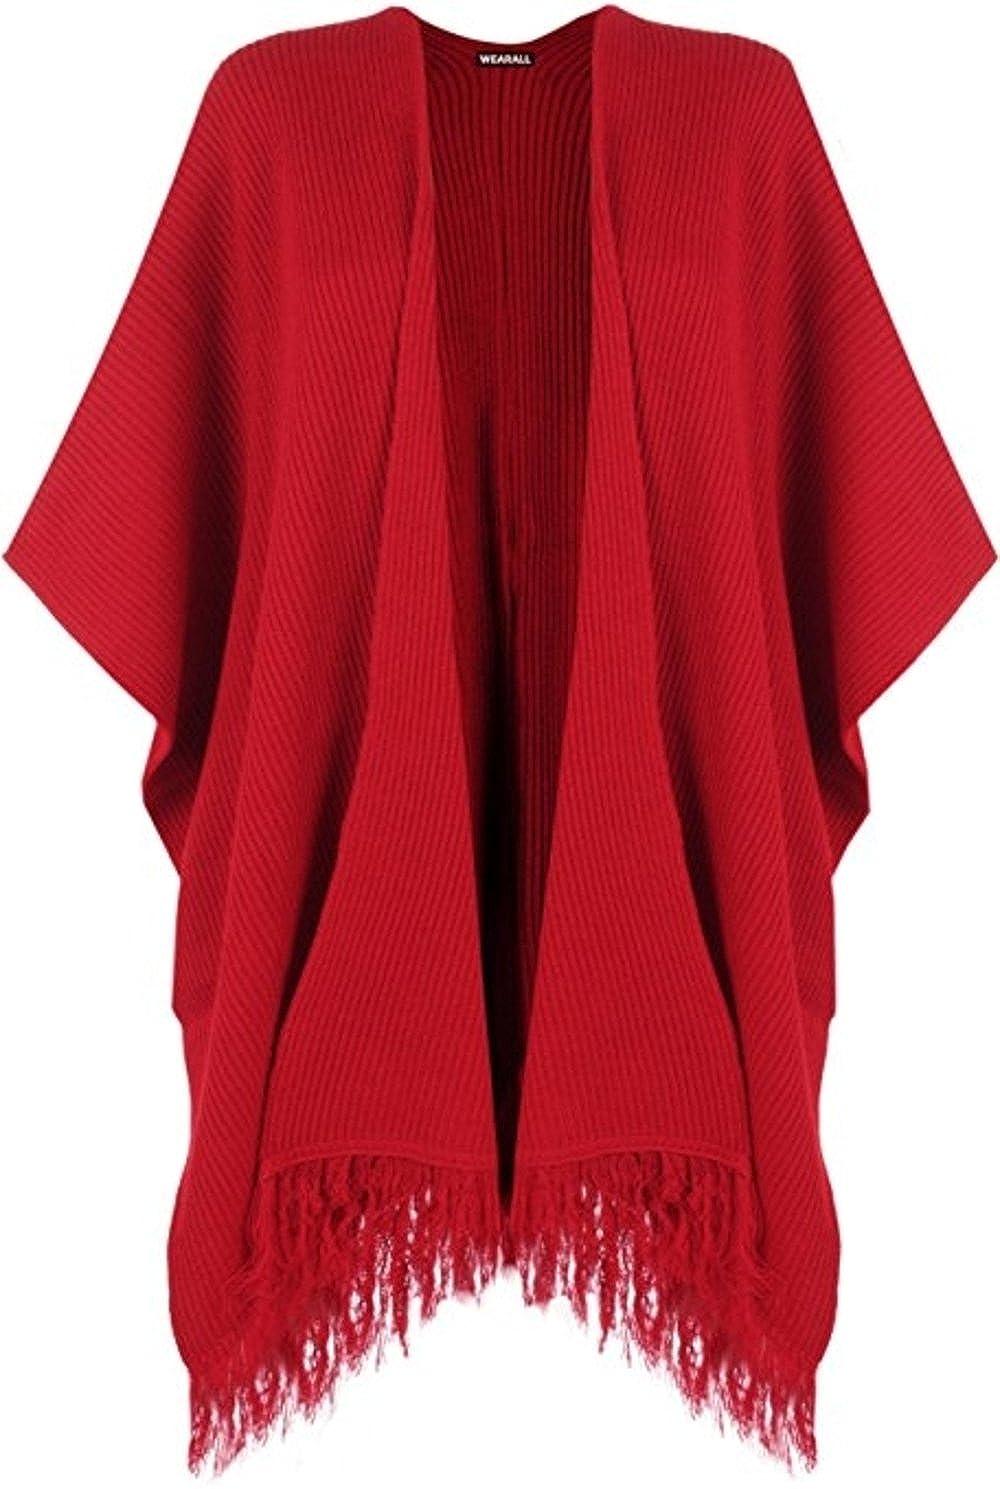 Sevello Clothing Women's Knitted Tassle Baggy Cardigan Cape Jacket 4-16 ONE SIZE Sevelo Clothing